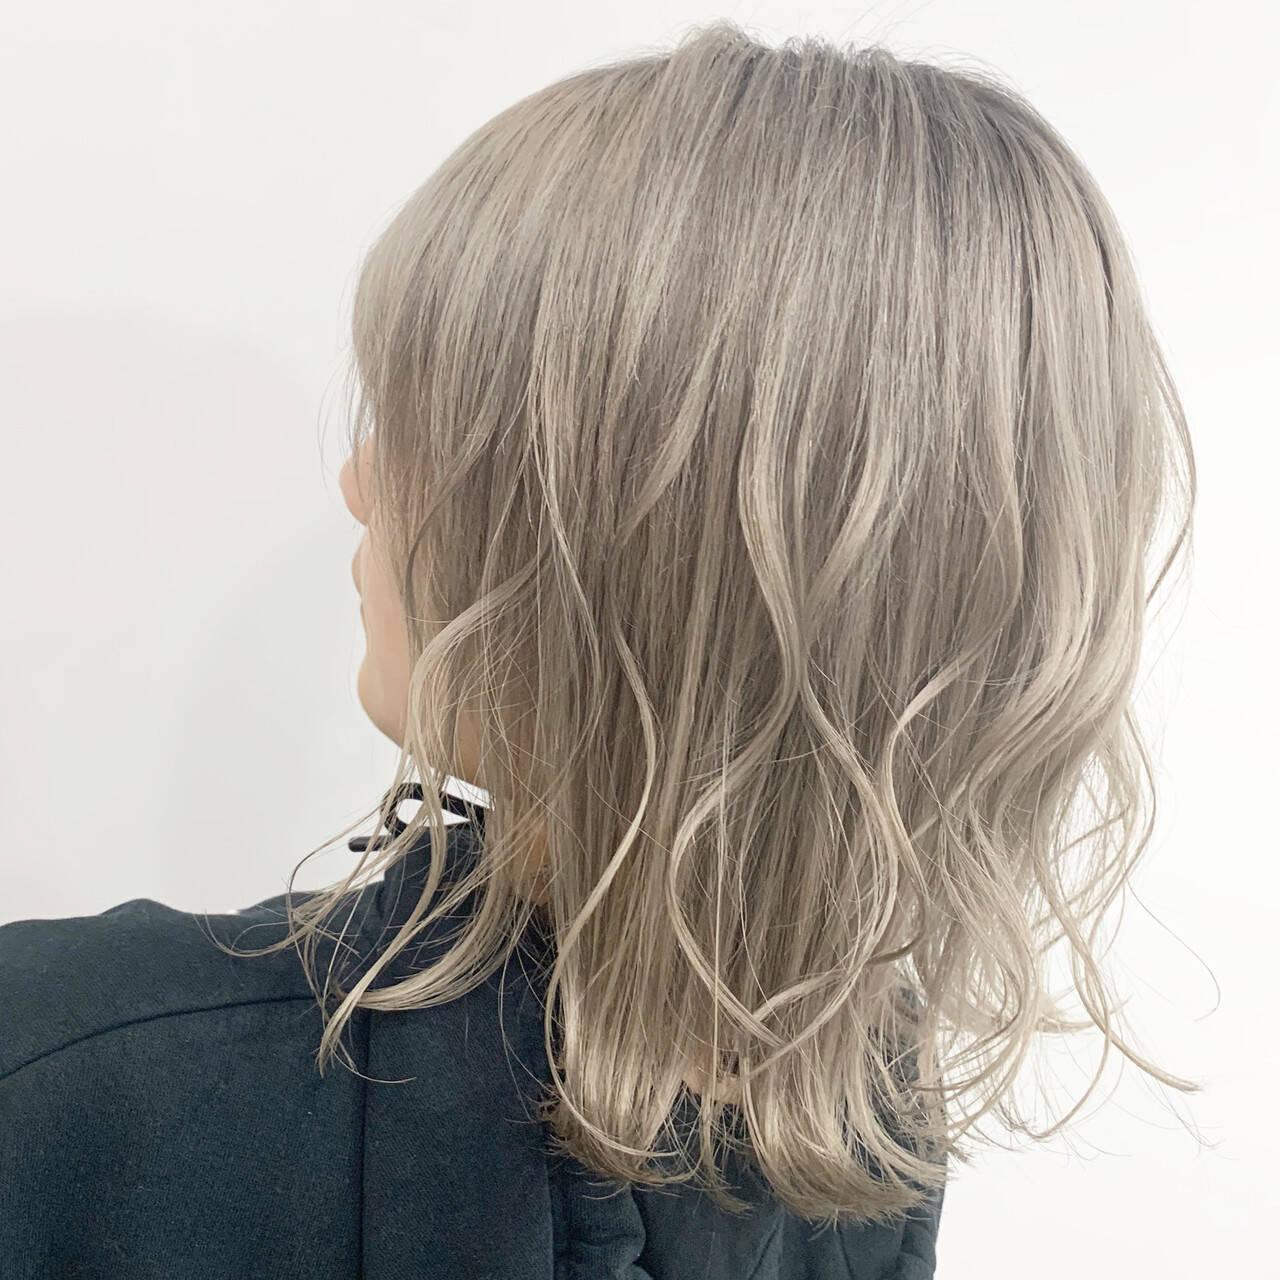 ブリーチ ハイトーン ホワイトグレージュ ストリートヘアスタイルや髪型の写真・画像